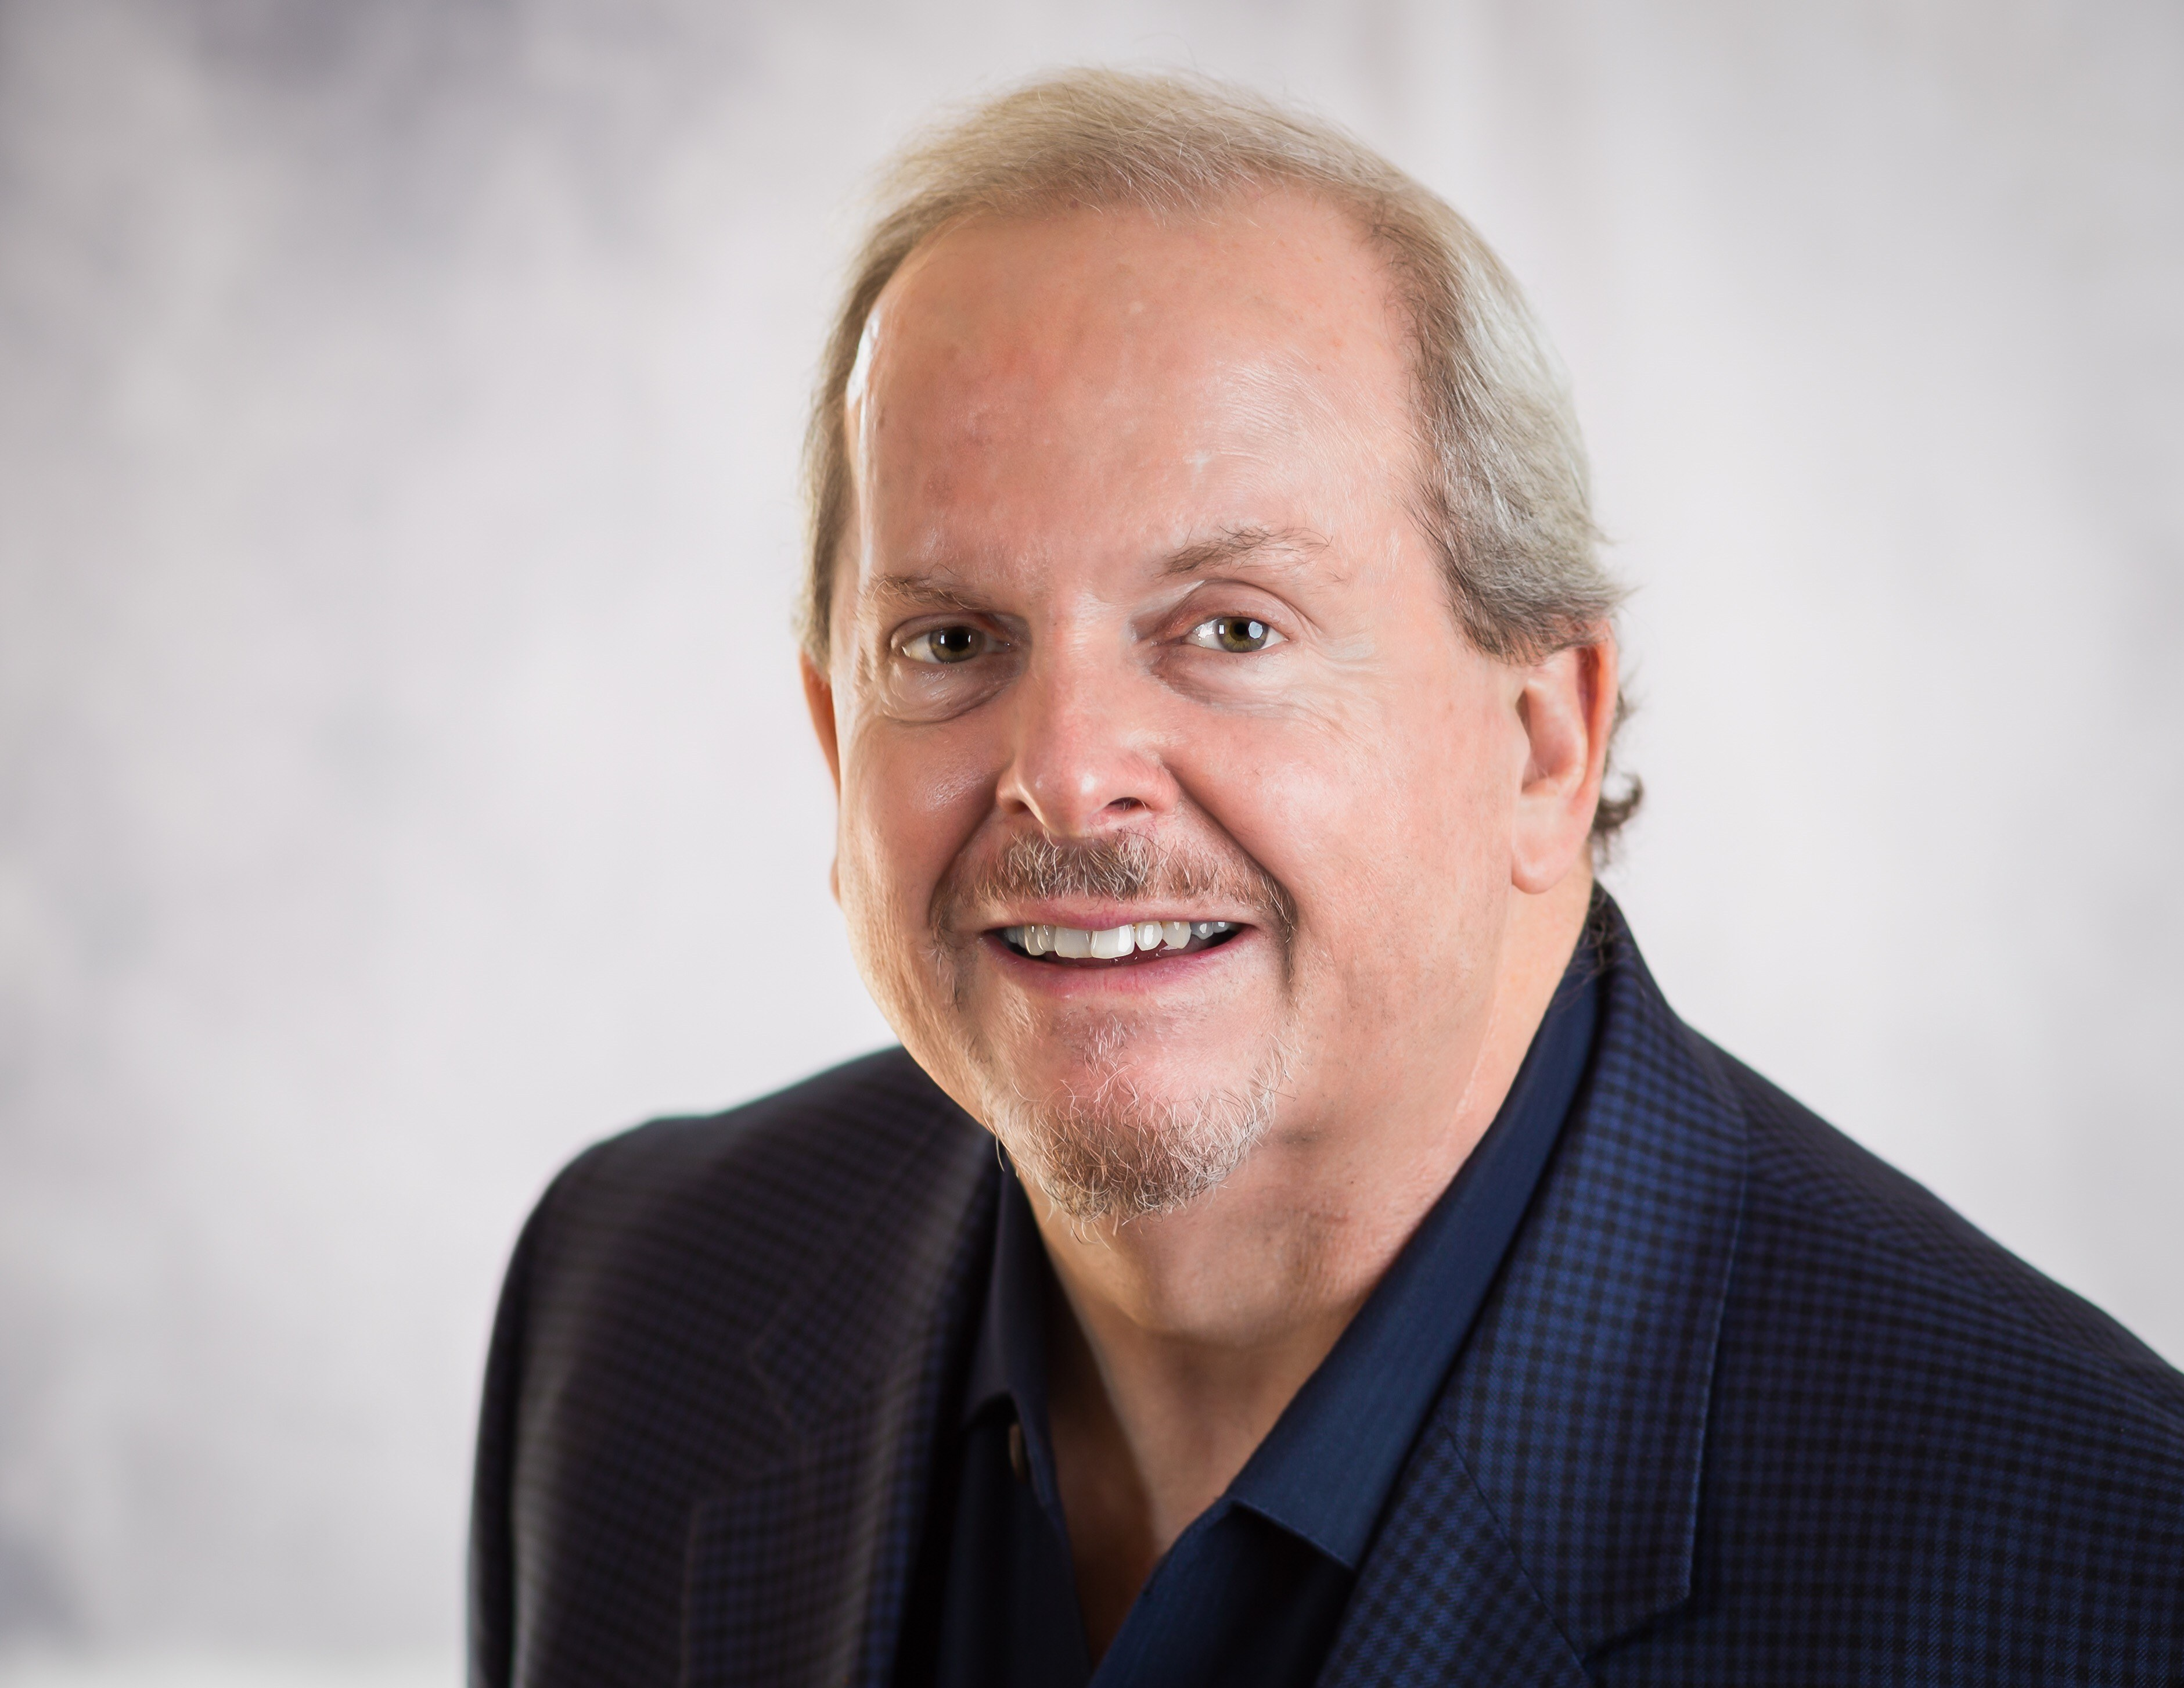 Dr. Ed Chauvin, D.C., QNCP